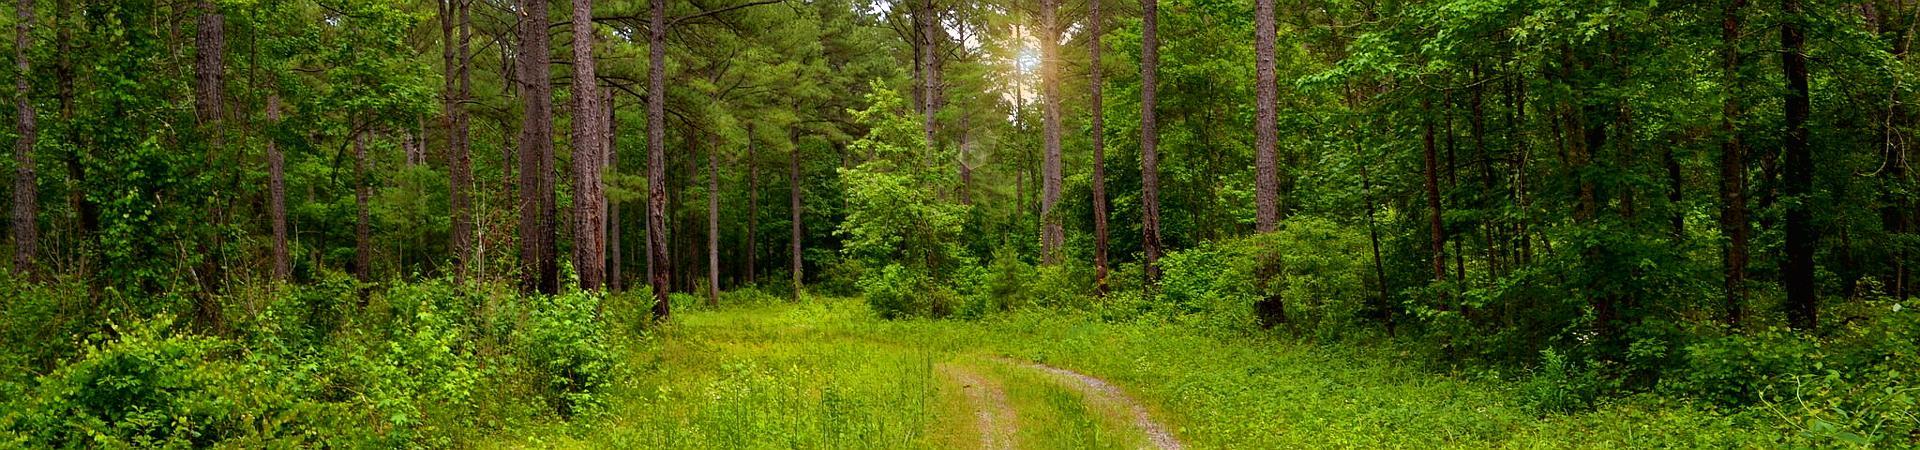 trees at Oaky Woods WMA